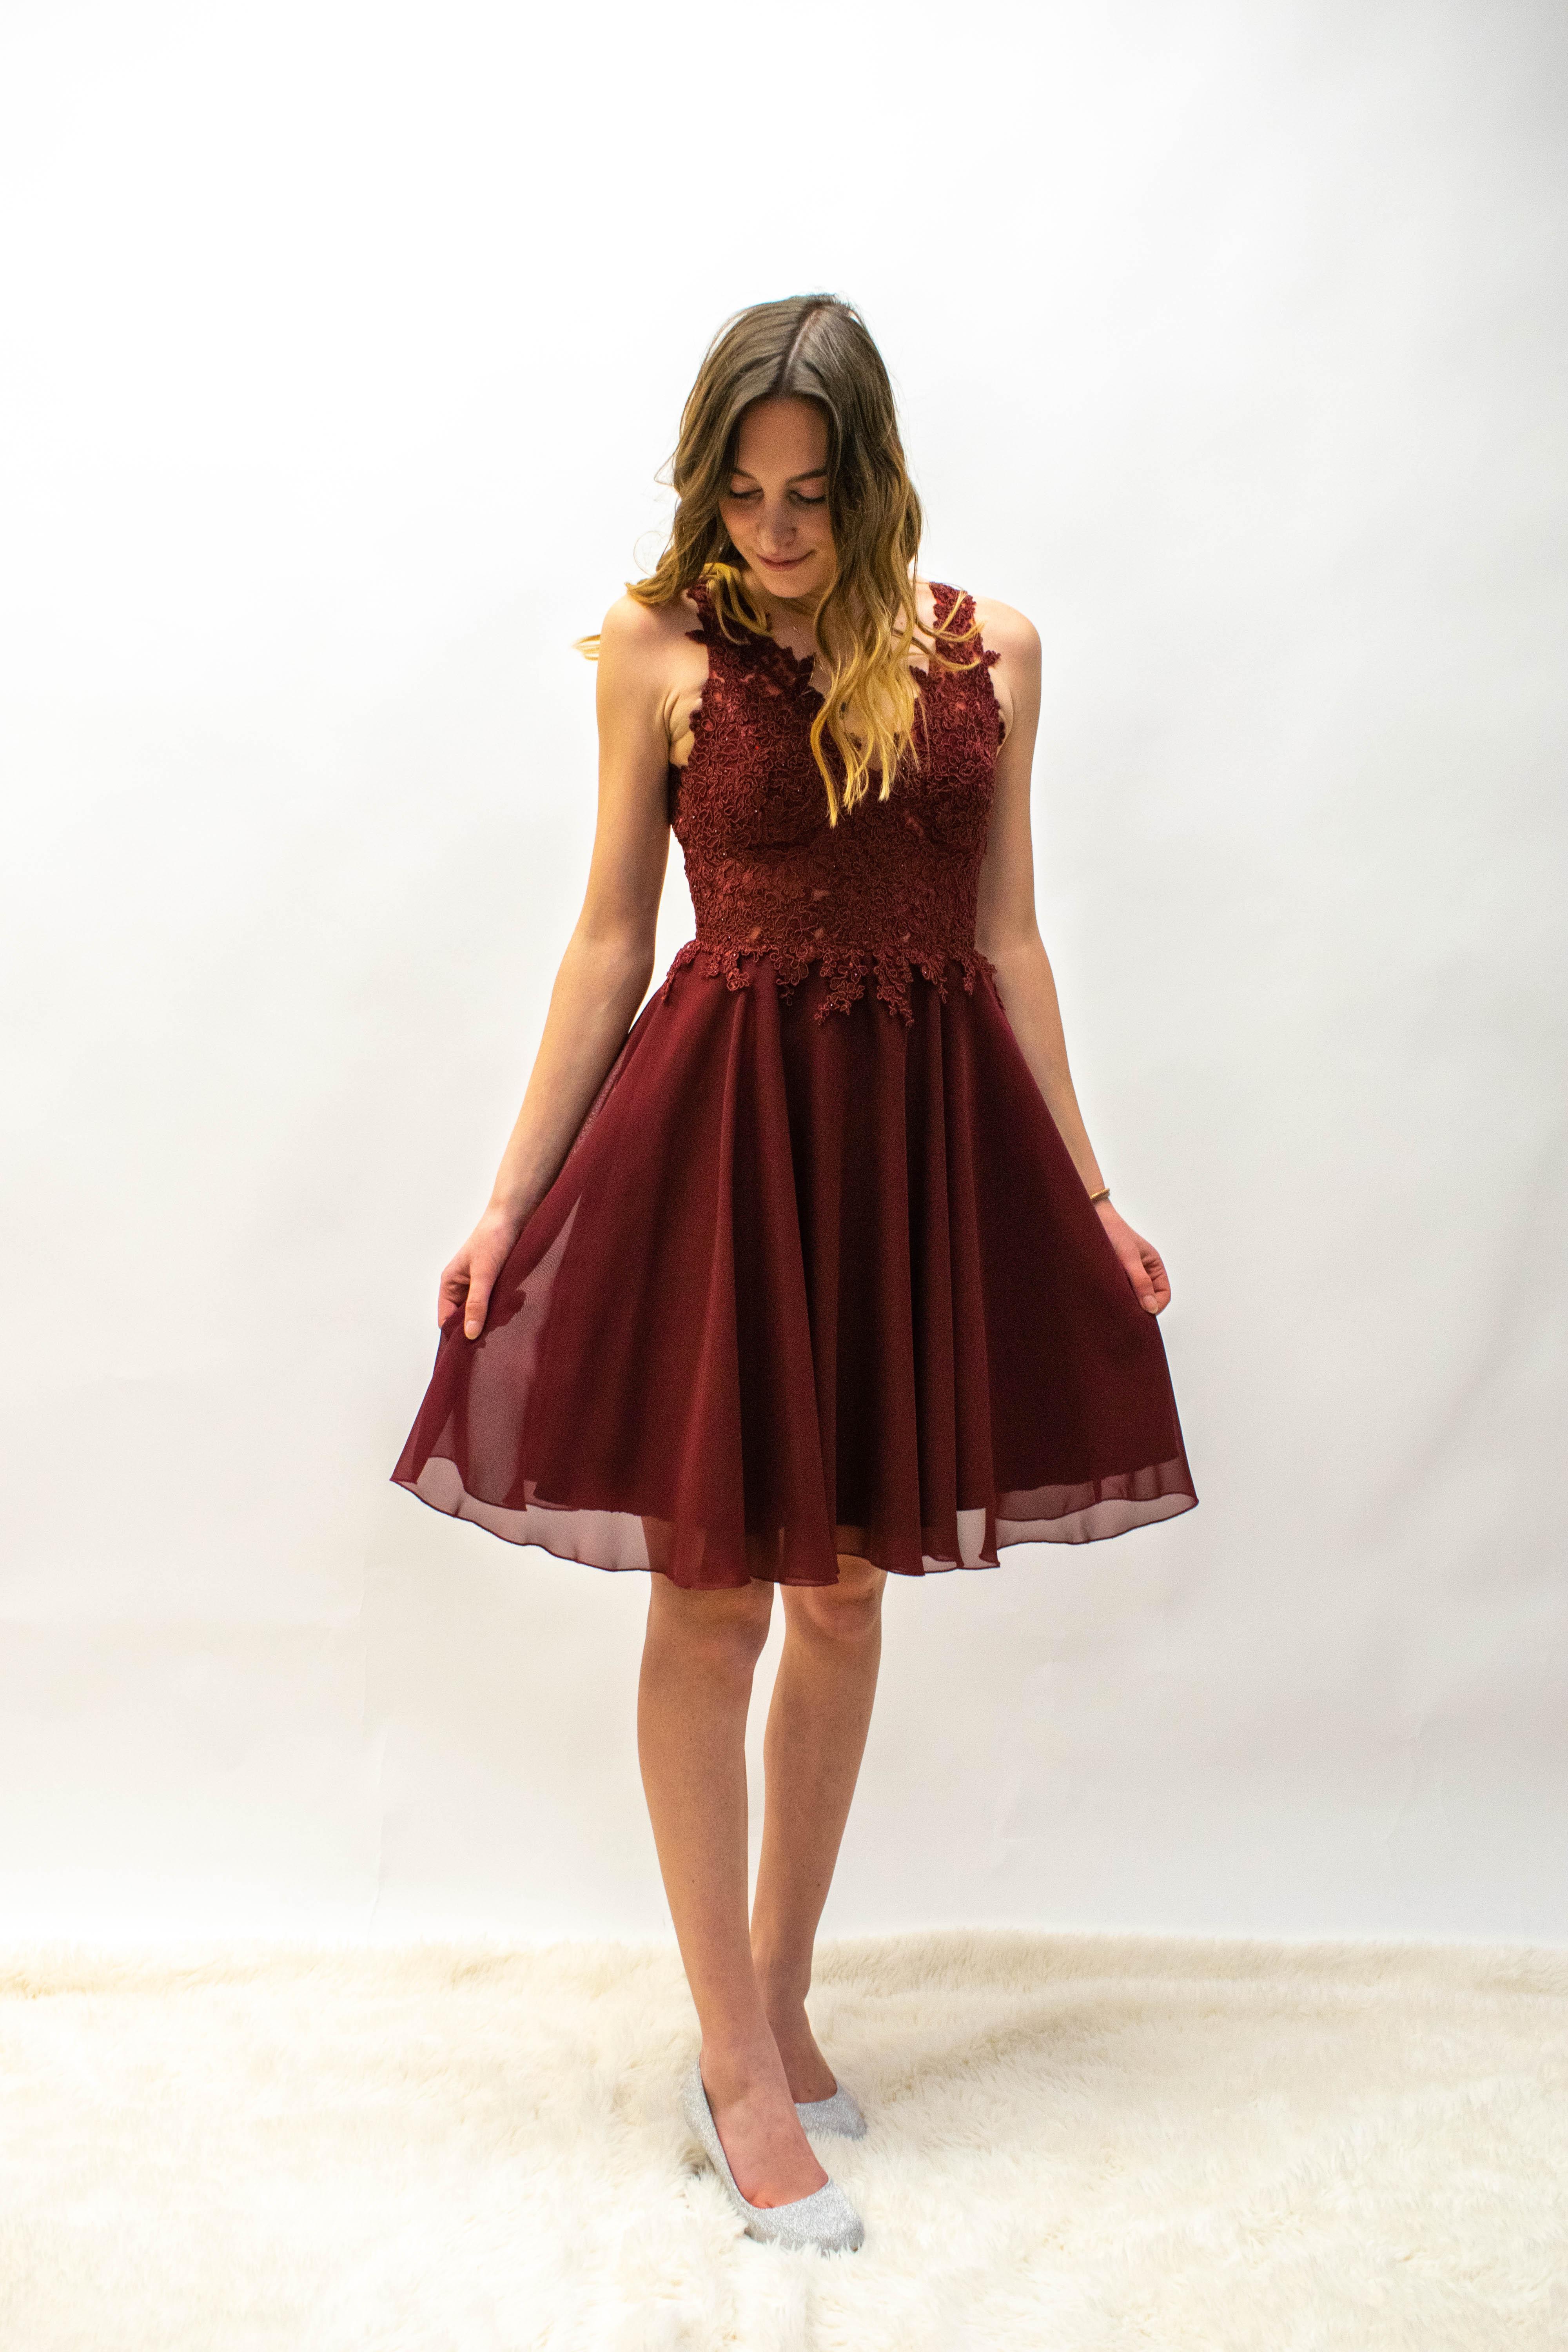 Kurzes Kleid in Marineblau und Bordeux